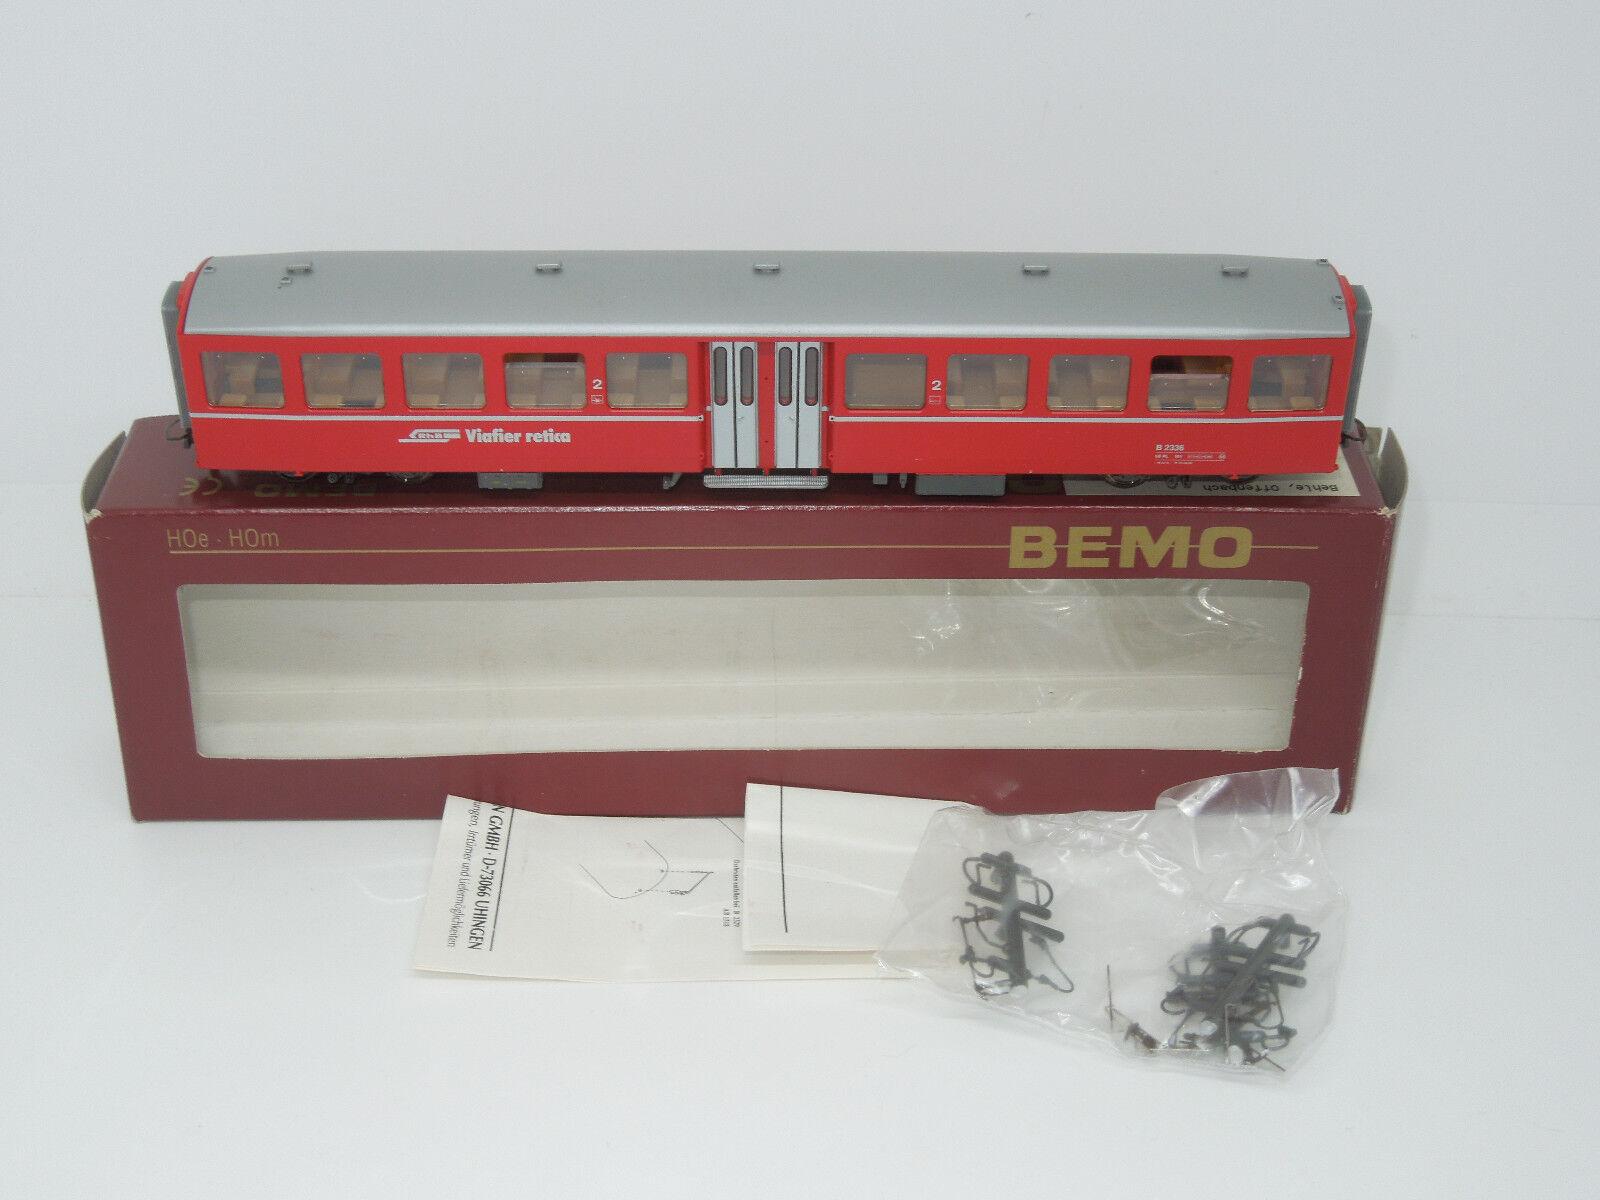 BEMO h0e 3284126 vagoni 2. KL RhB